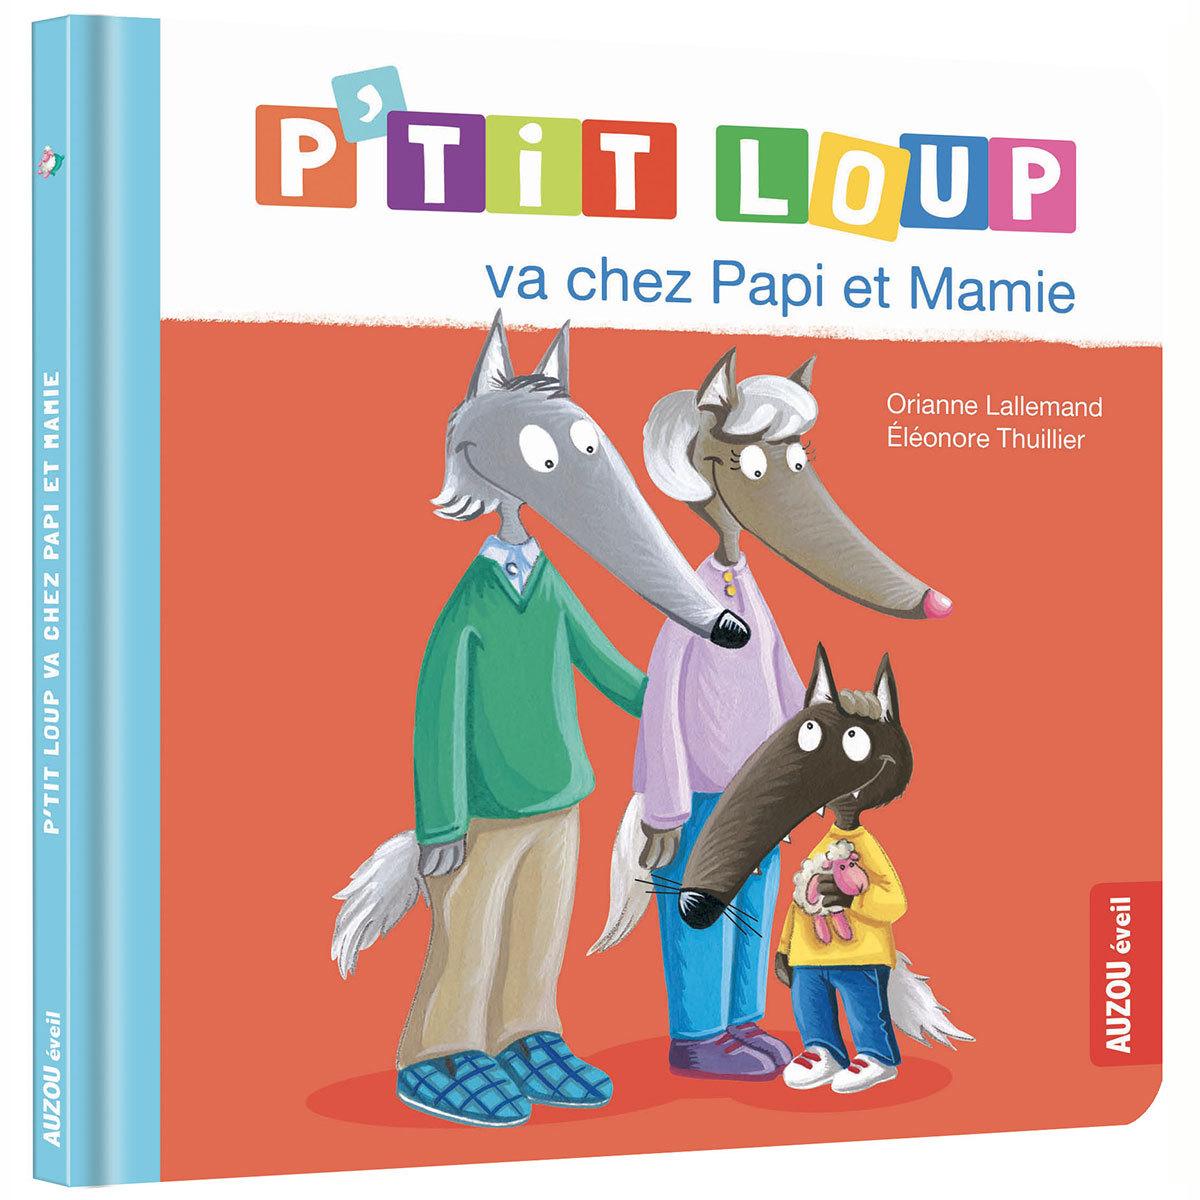 Livre & Carte P'tit Loup va chez Papi et Mamie